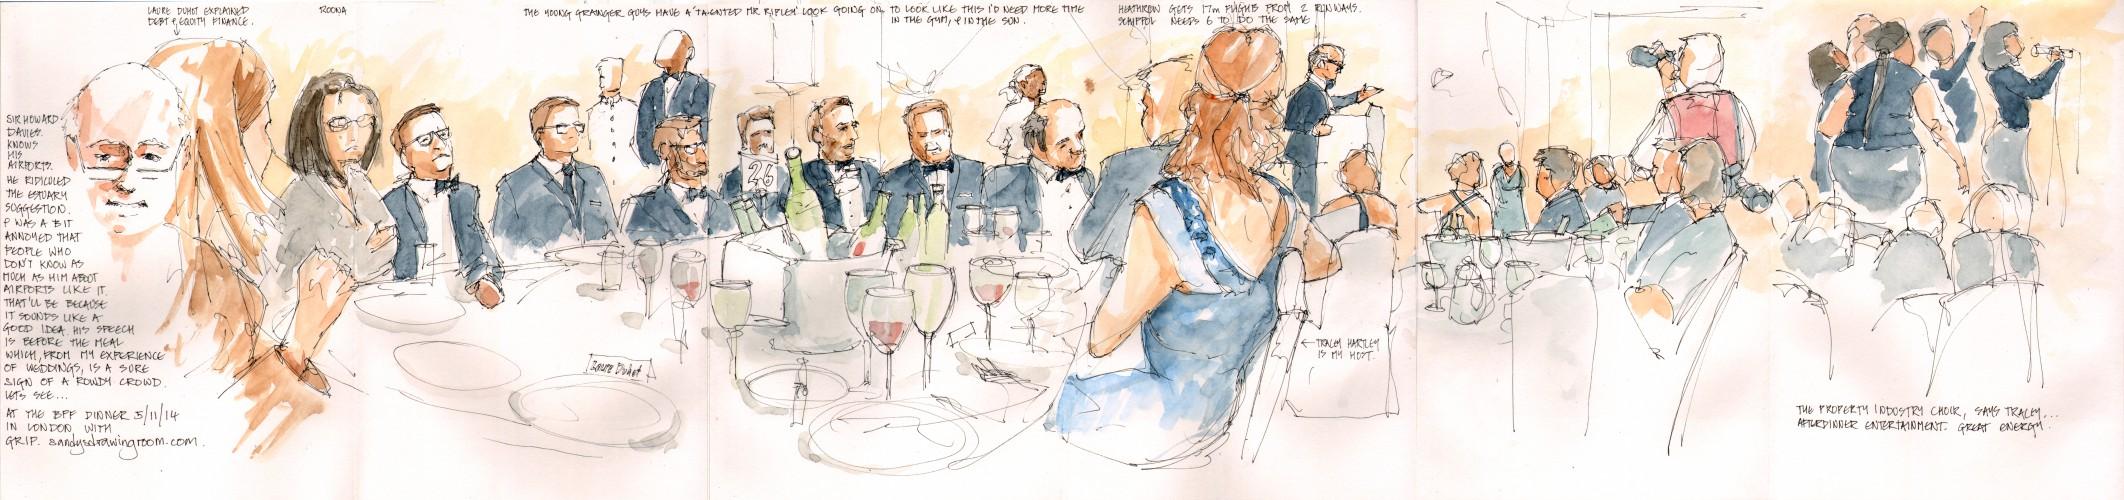 BPF-Dinner 5 November 2014